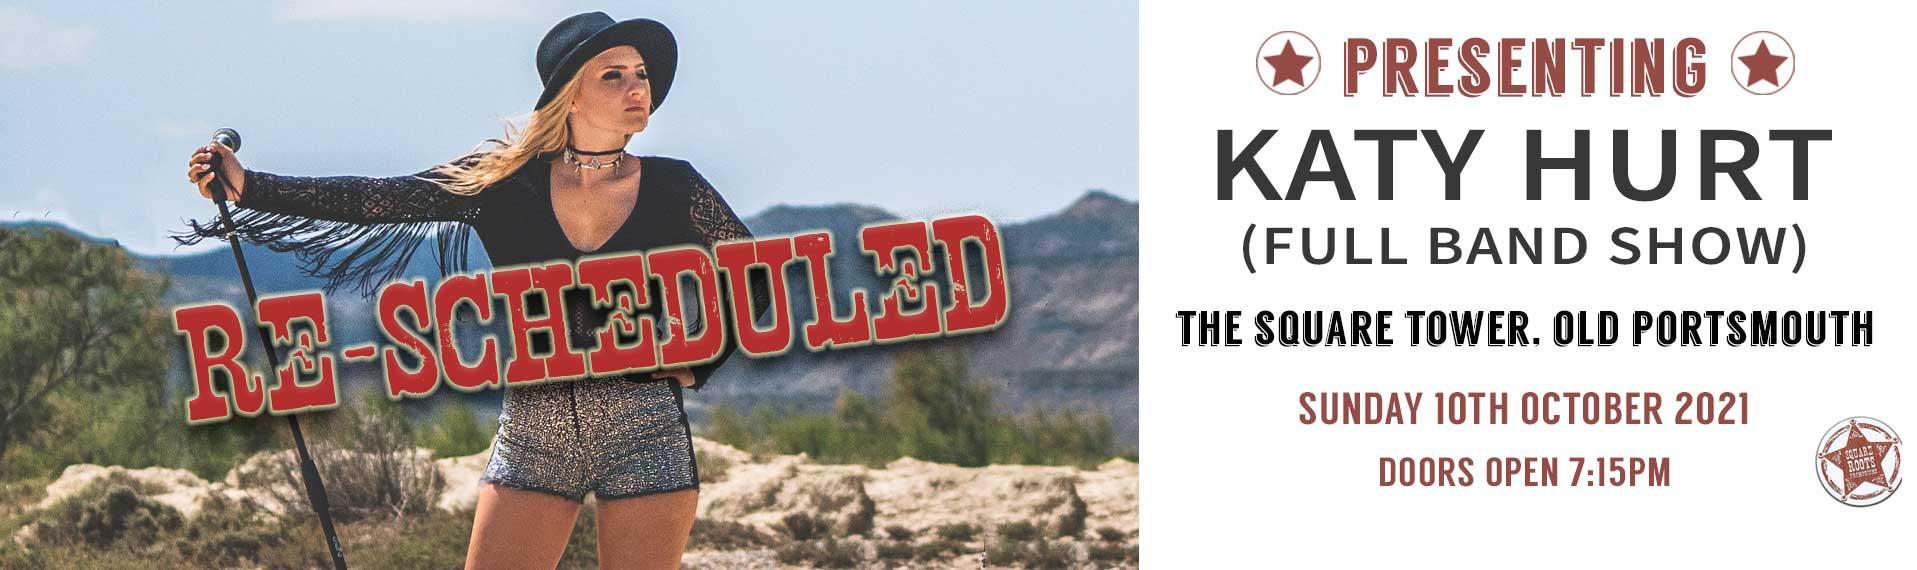 katy-hurt-banner-RESCHEDULEDOCTOBER